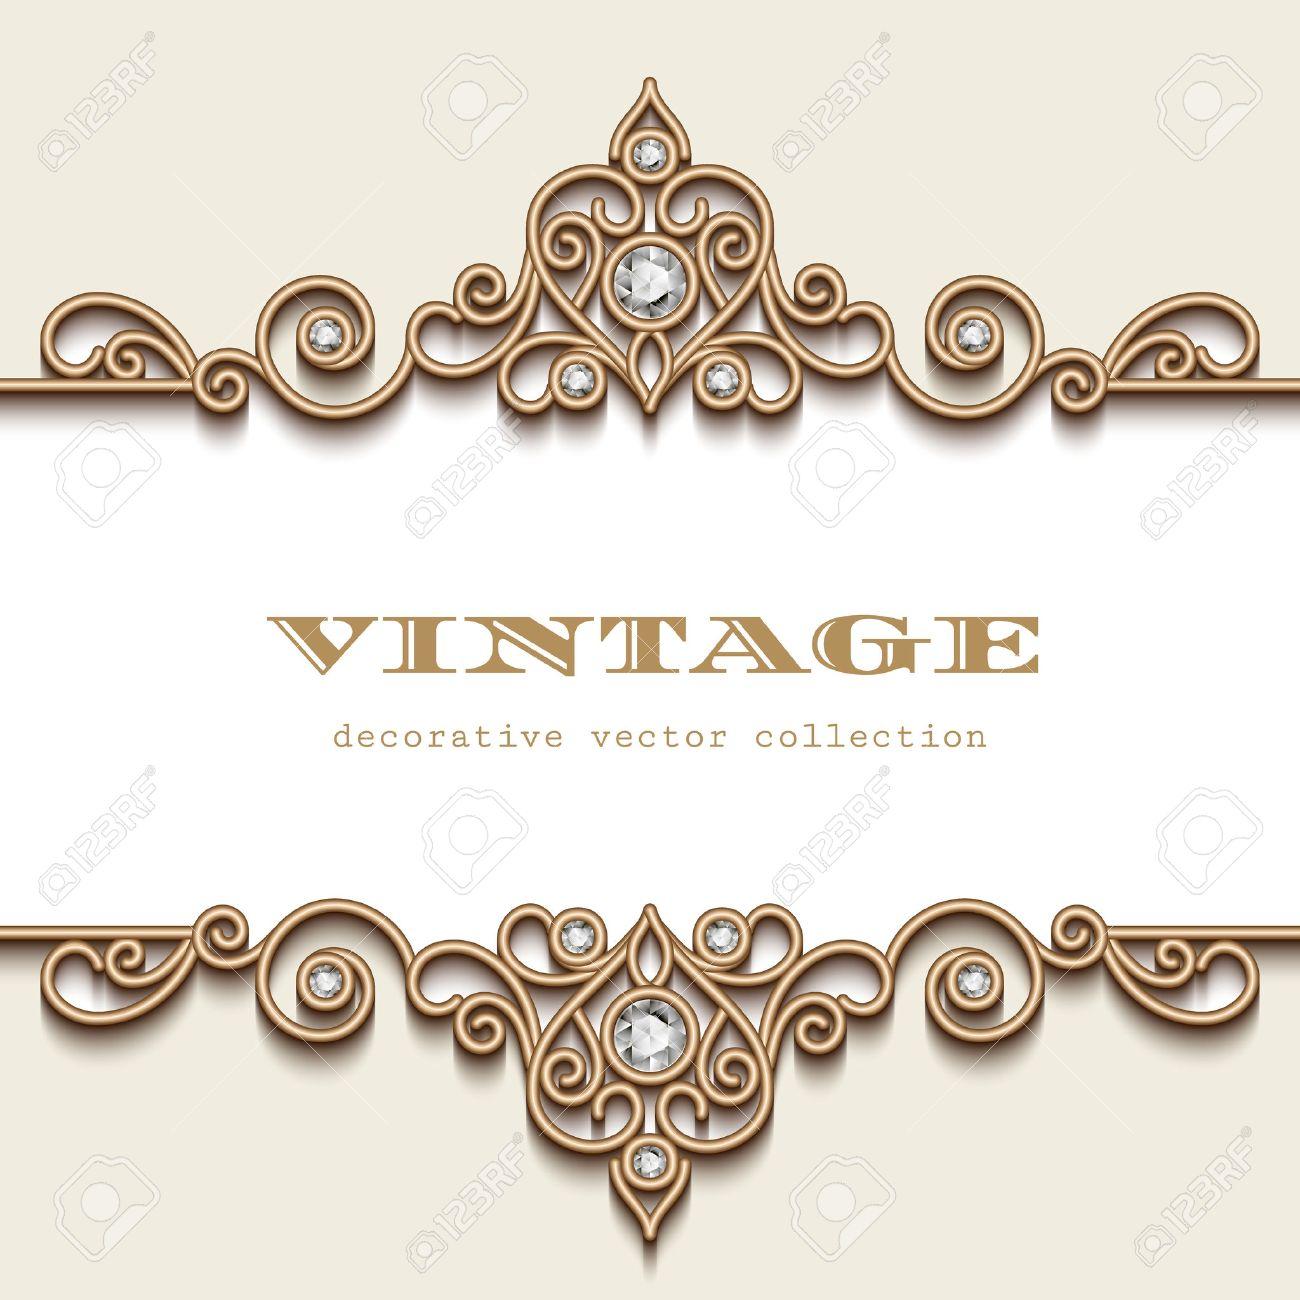 Vintage Gold Schmuck Rahmen Auf Weiß, Teilerelement, Elegant-Header ...